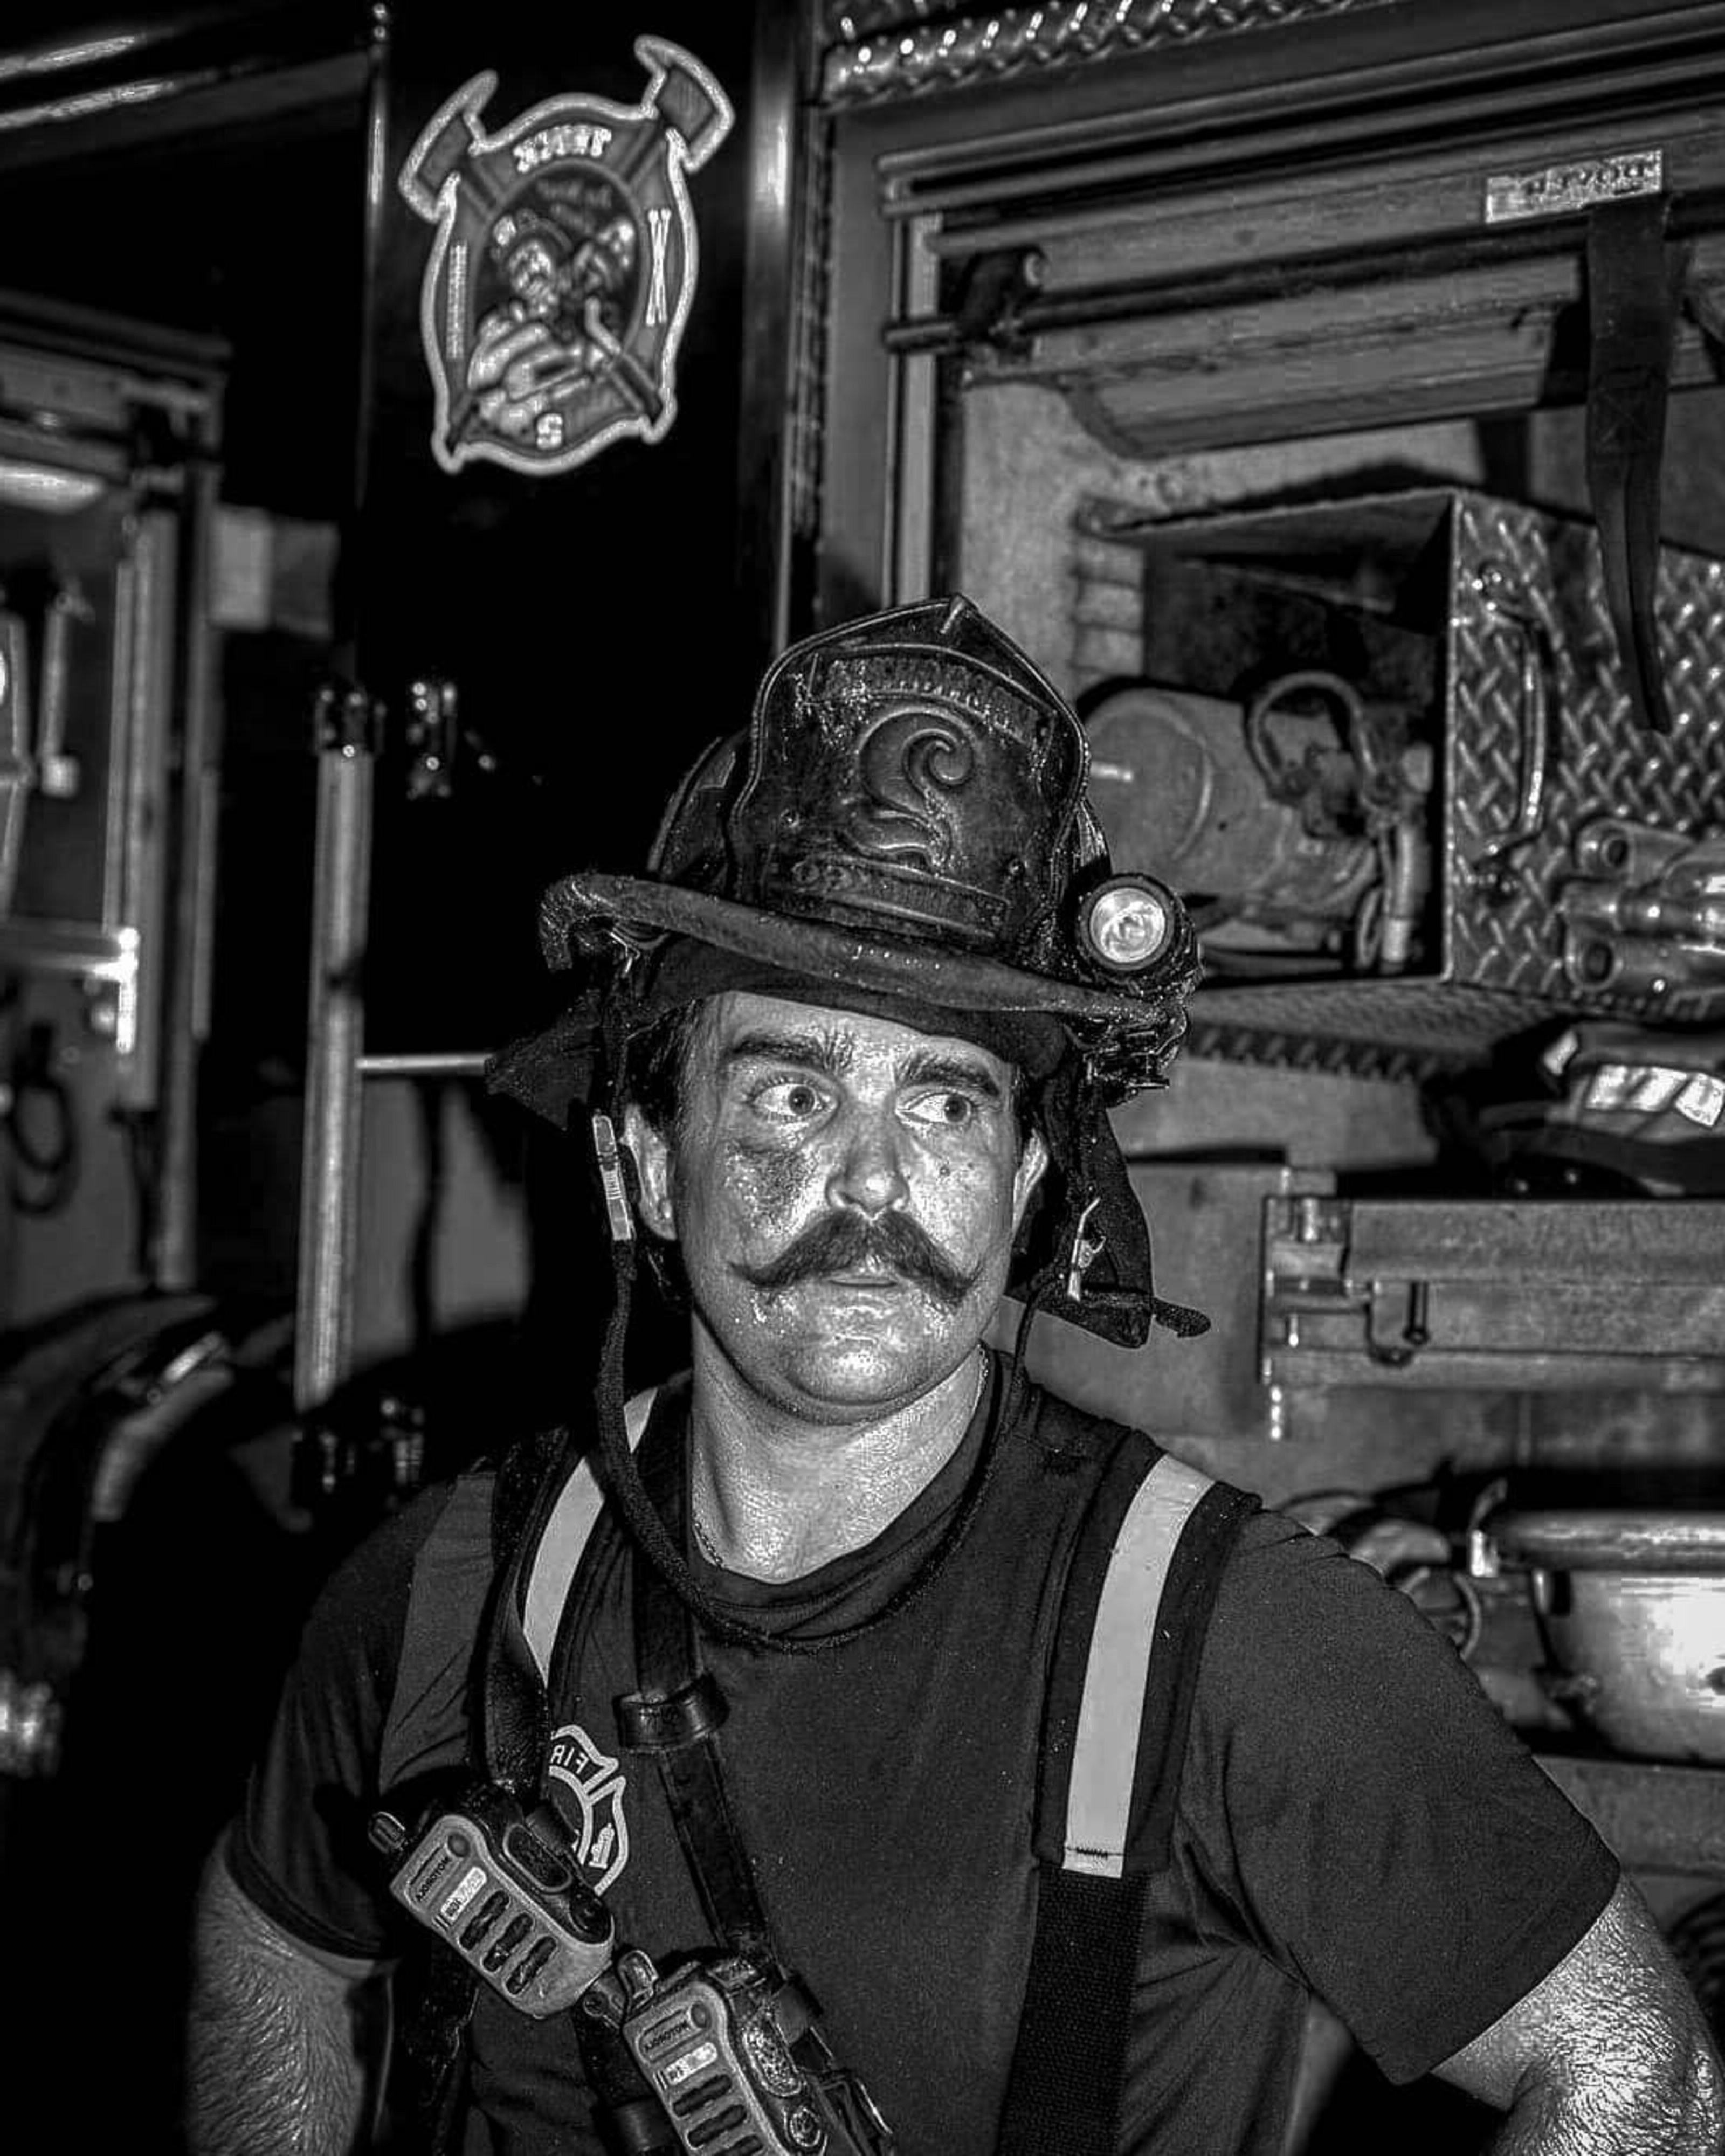 A firefighter handlebar mustache style.